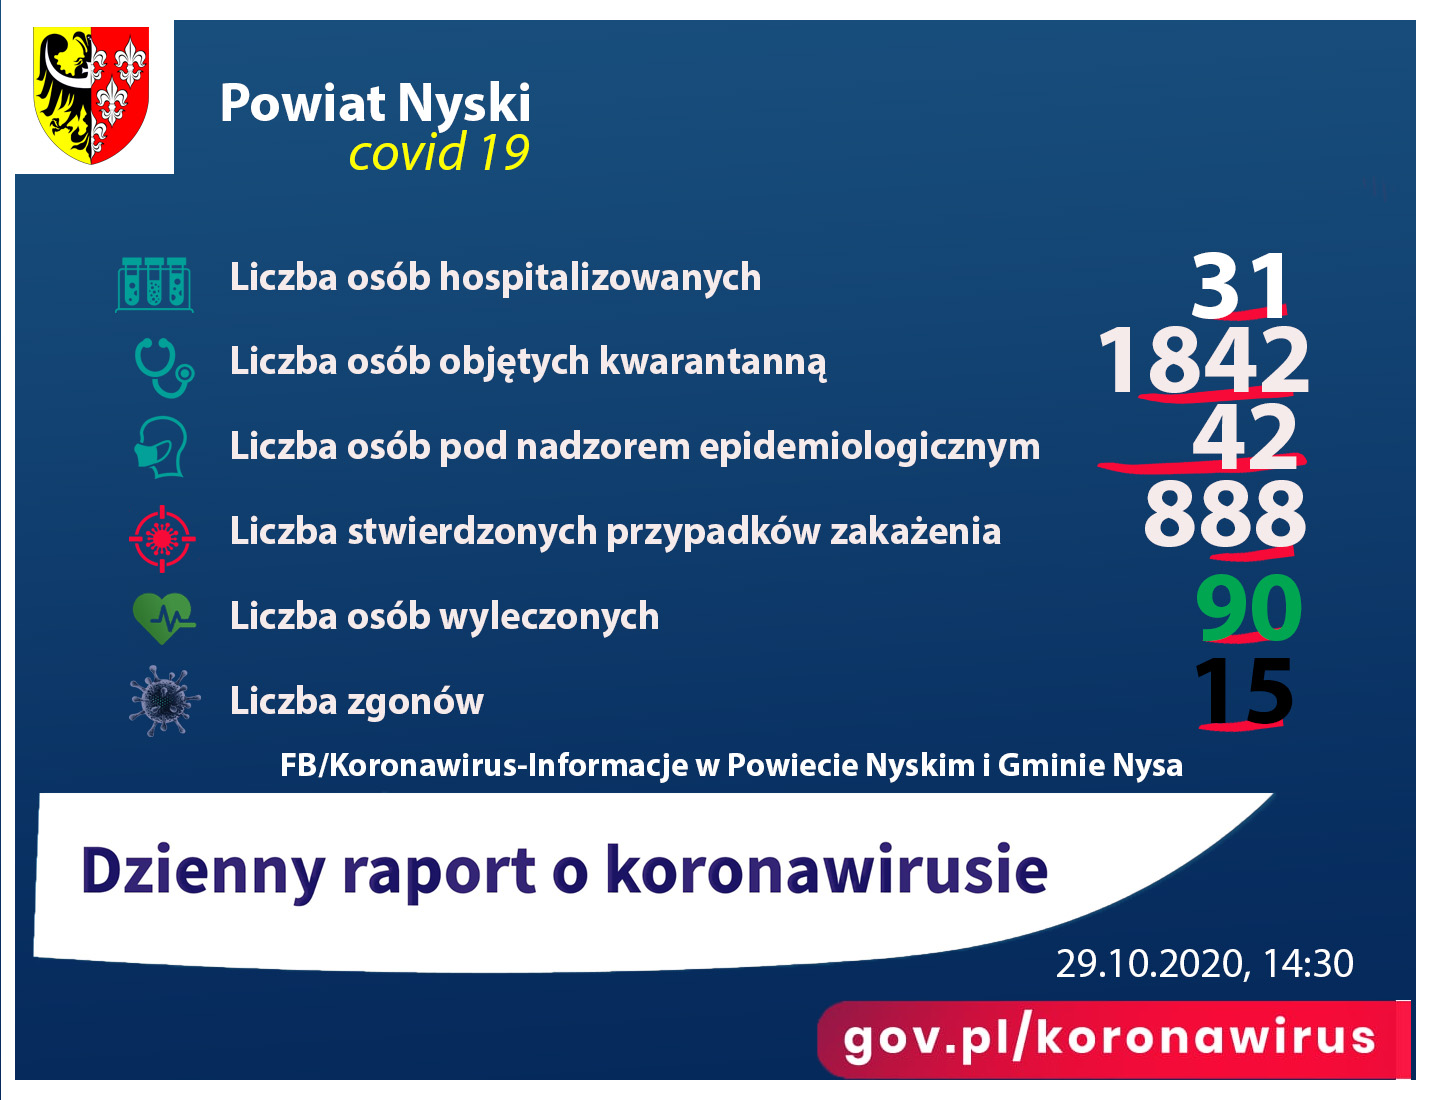 Liczba zakażeń - 888, hospitalizacjs - 31, kwarantanna 1842, zgony 15, ozdrowieńcy - 90